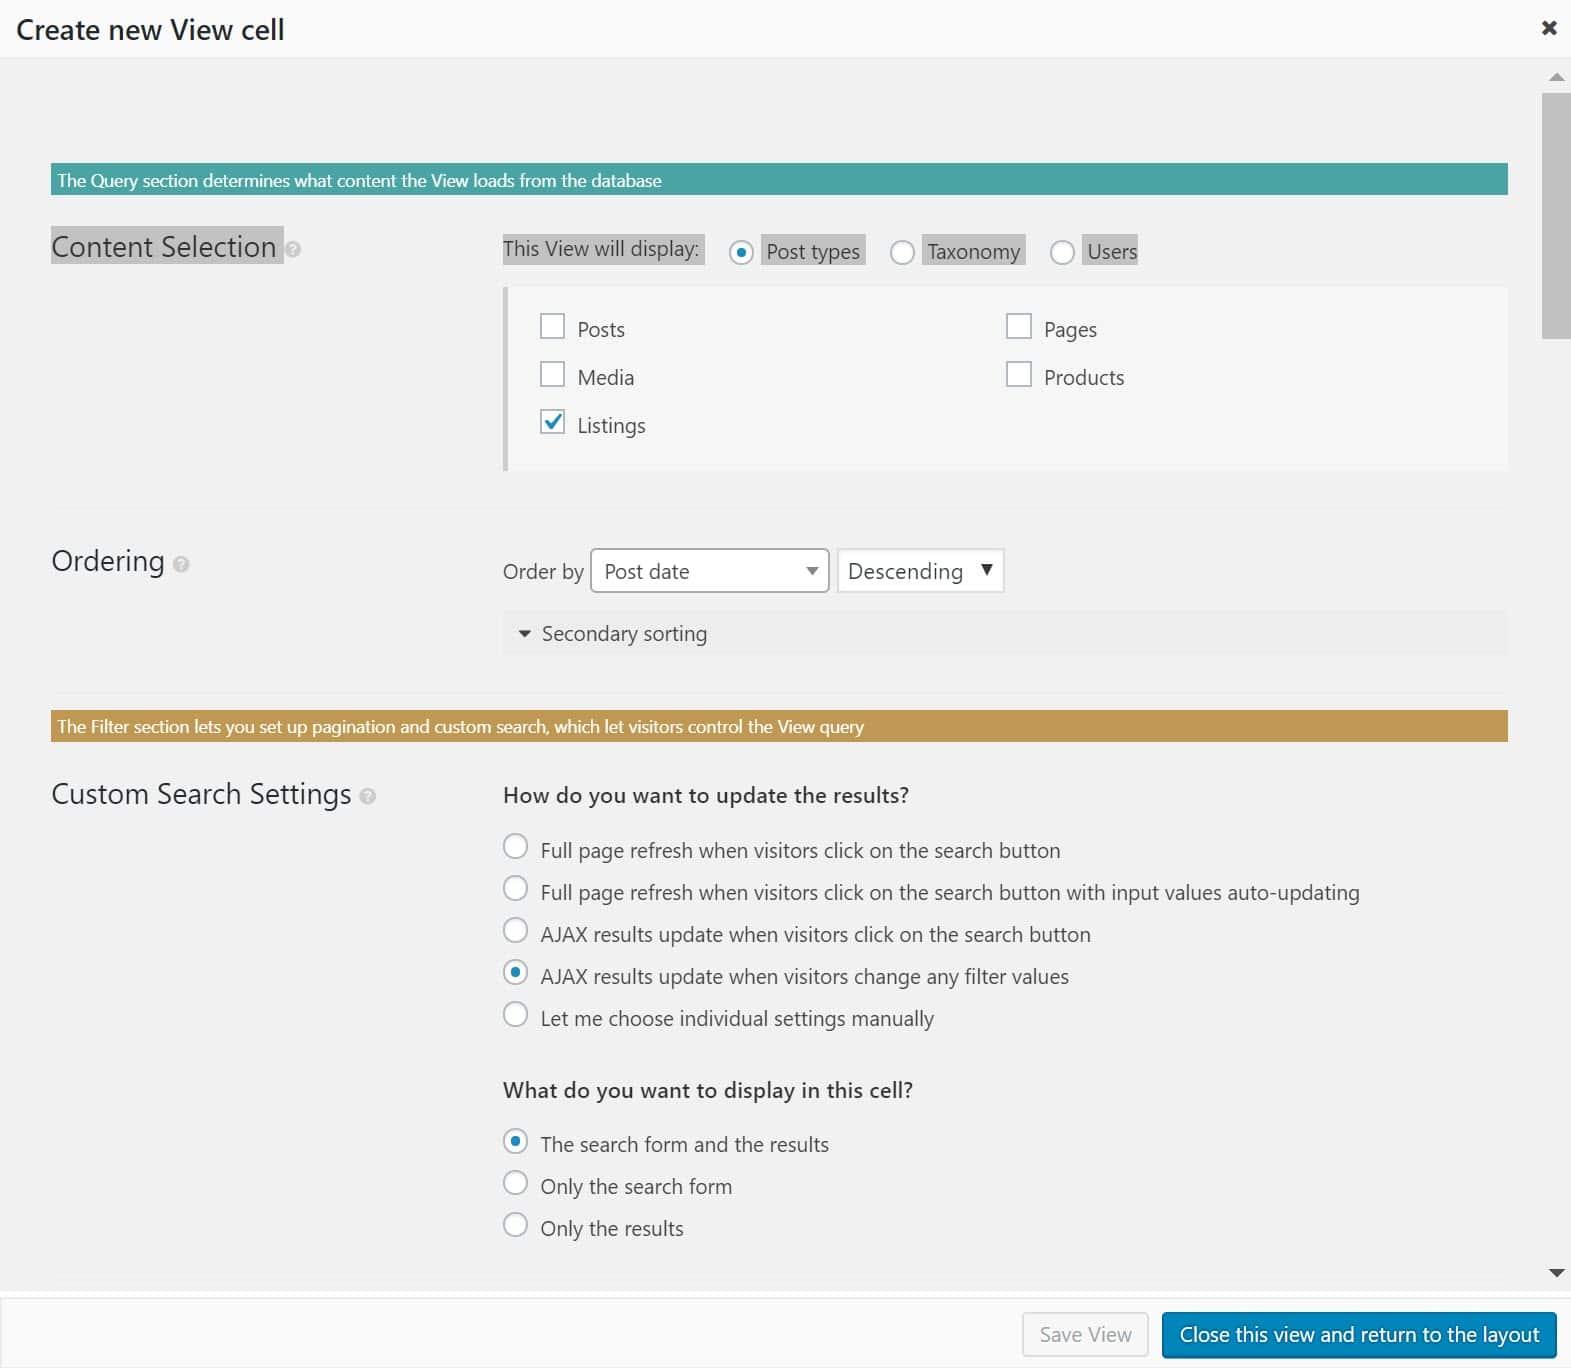 Impostazioni ricerca personalizzata